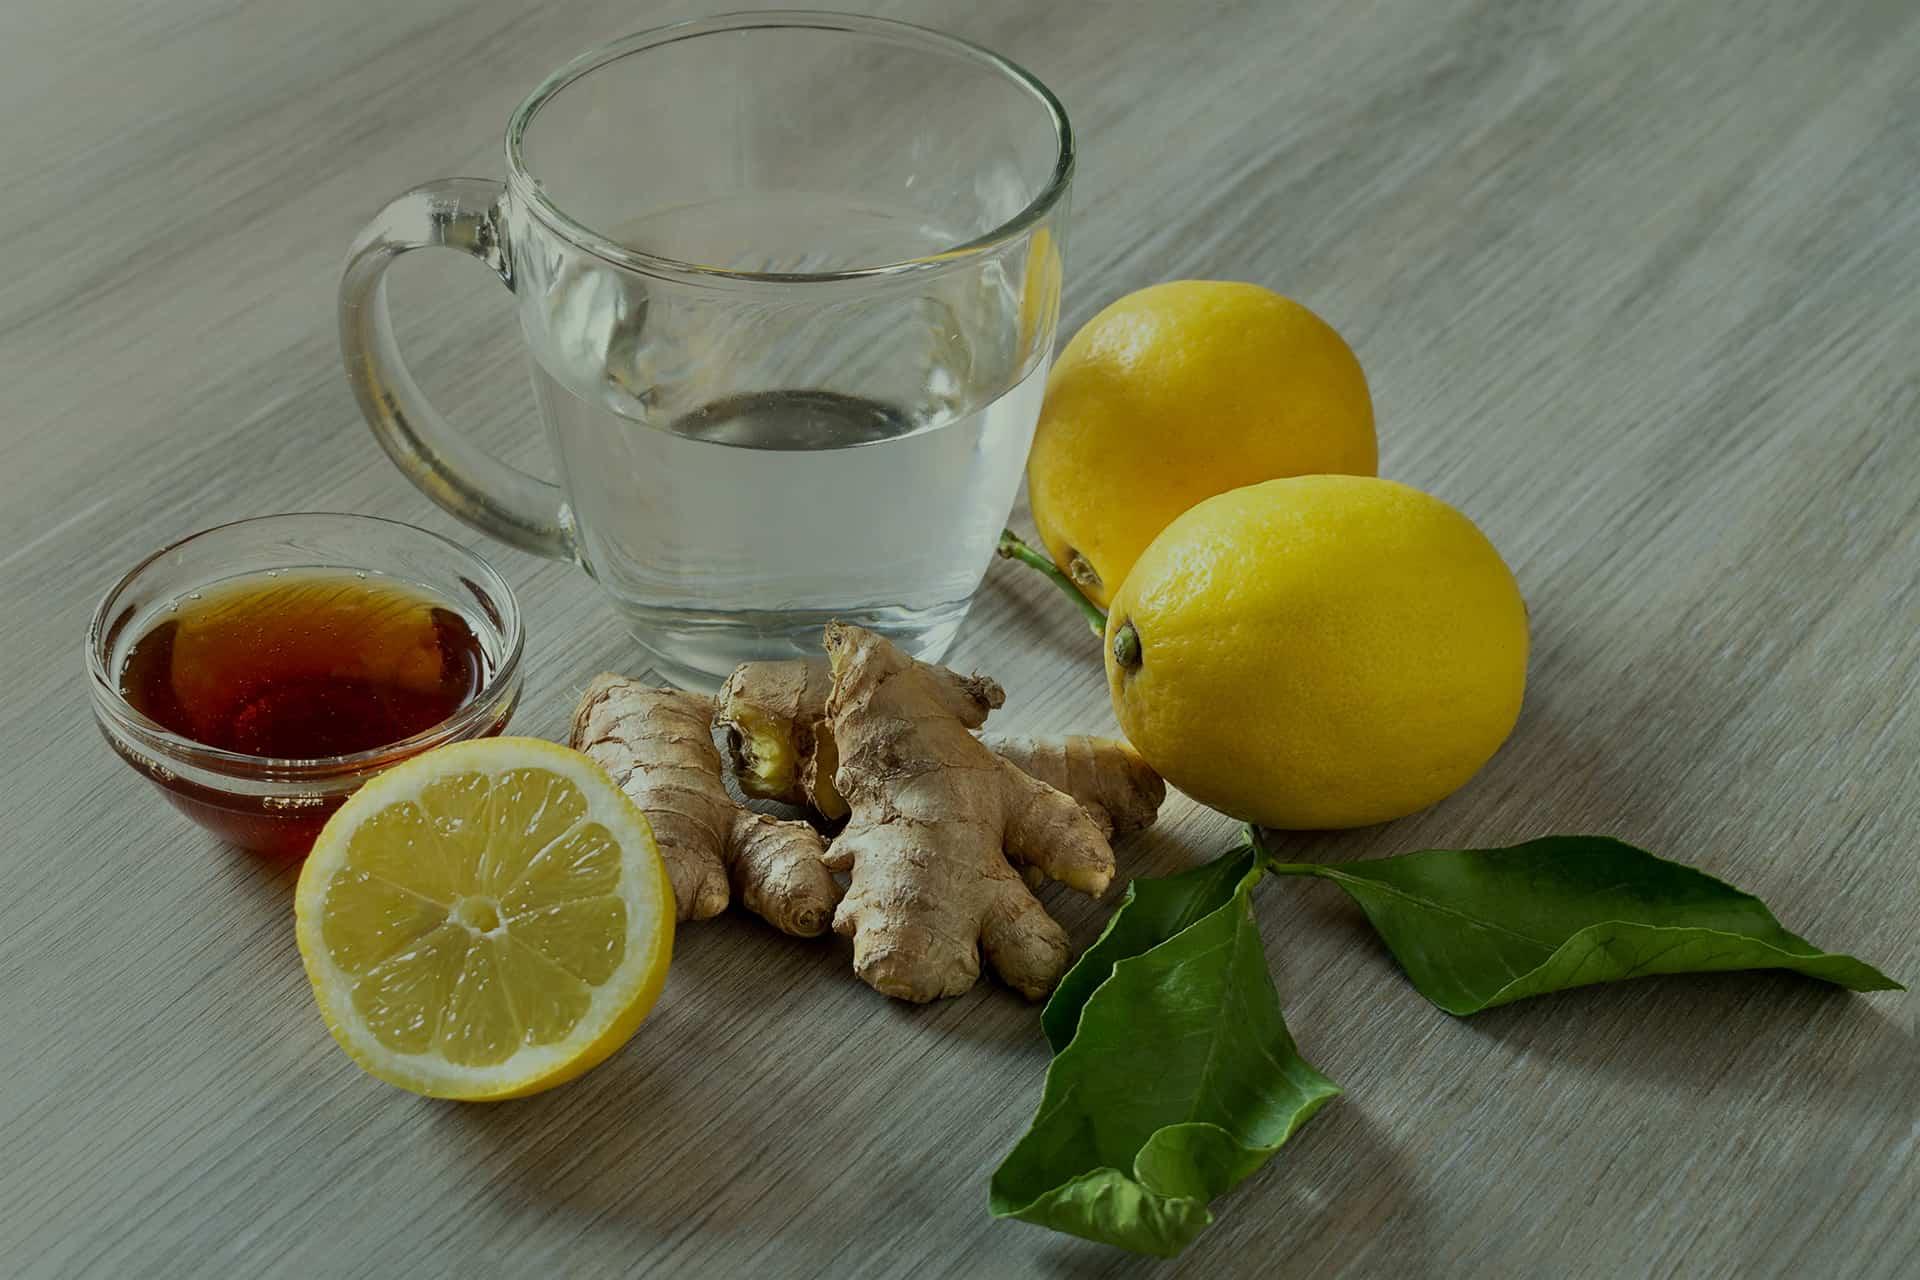 مشروب الزنجبيل والليمون والعسل